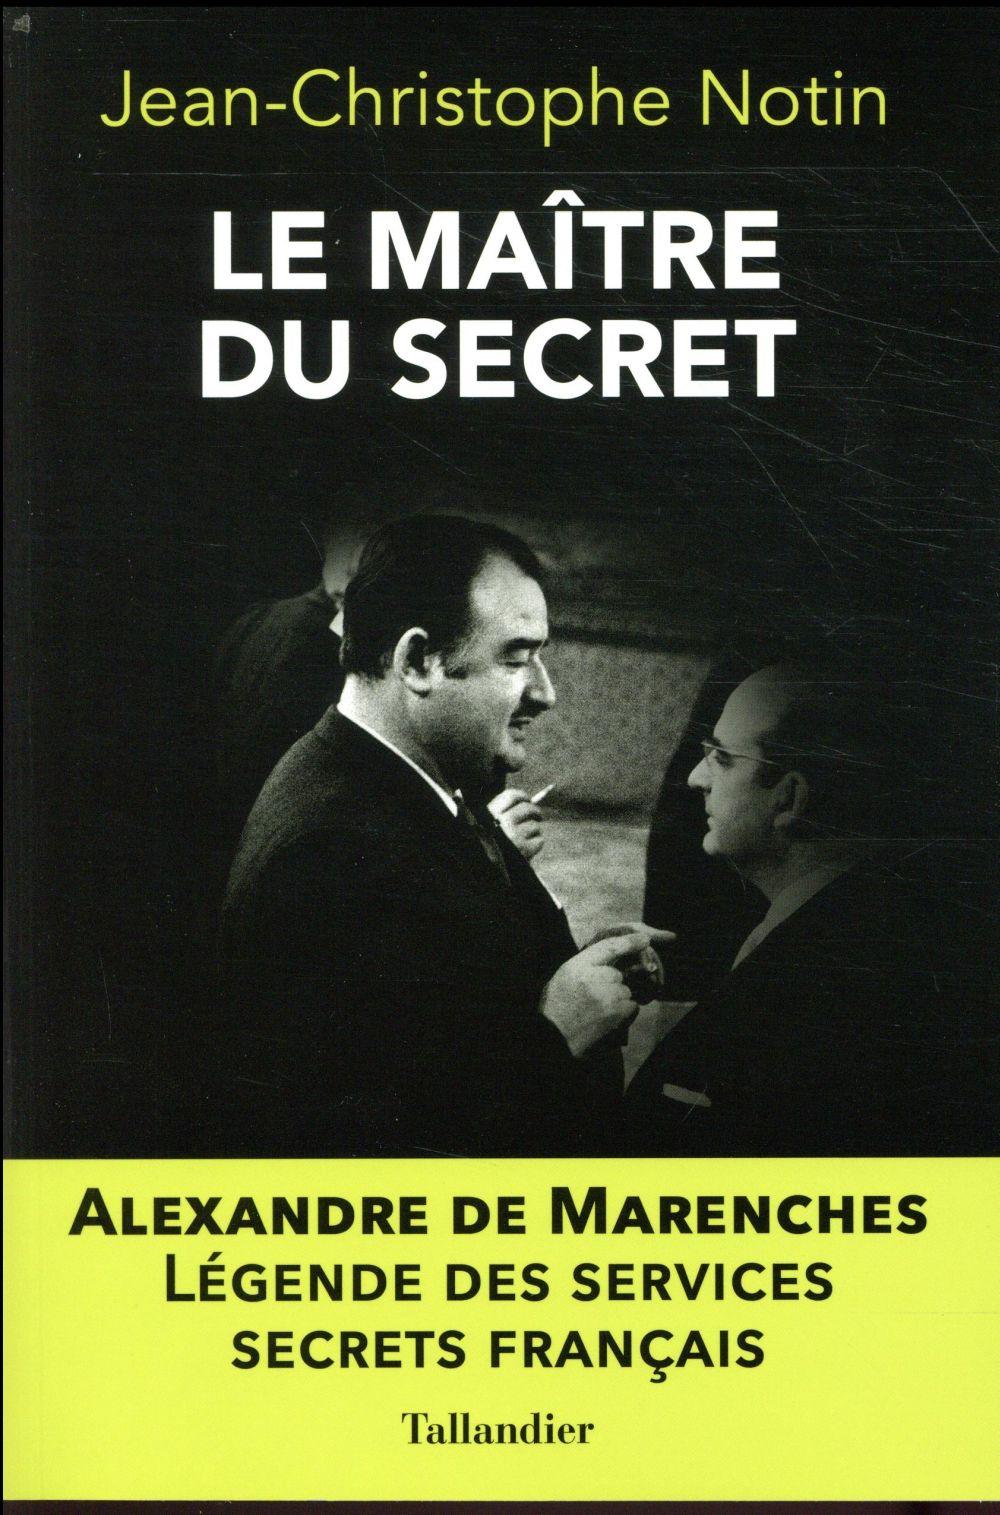 LE MAITRE DU SECRET